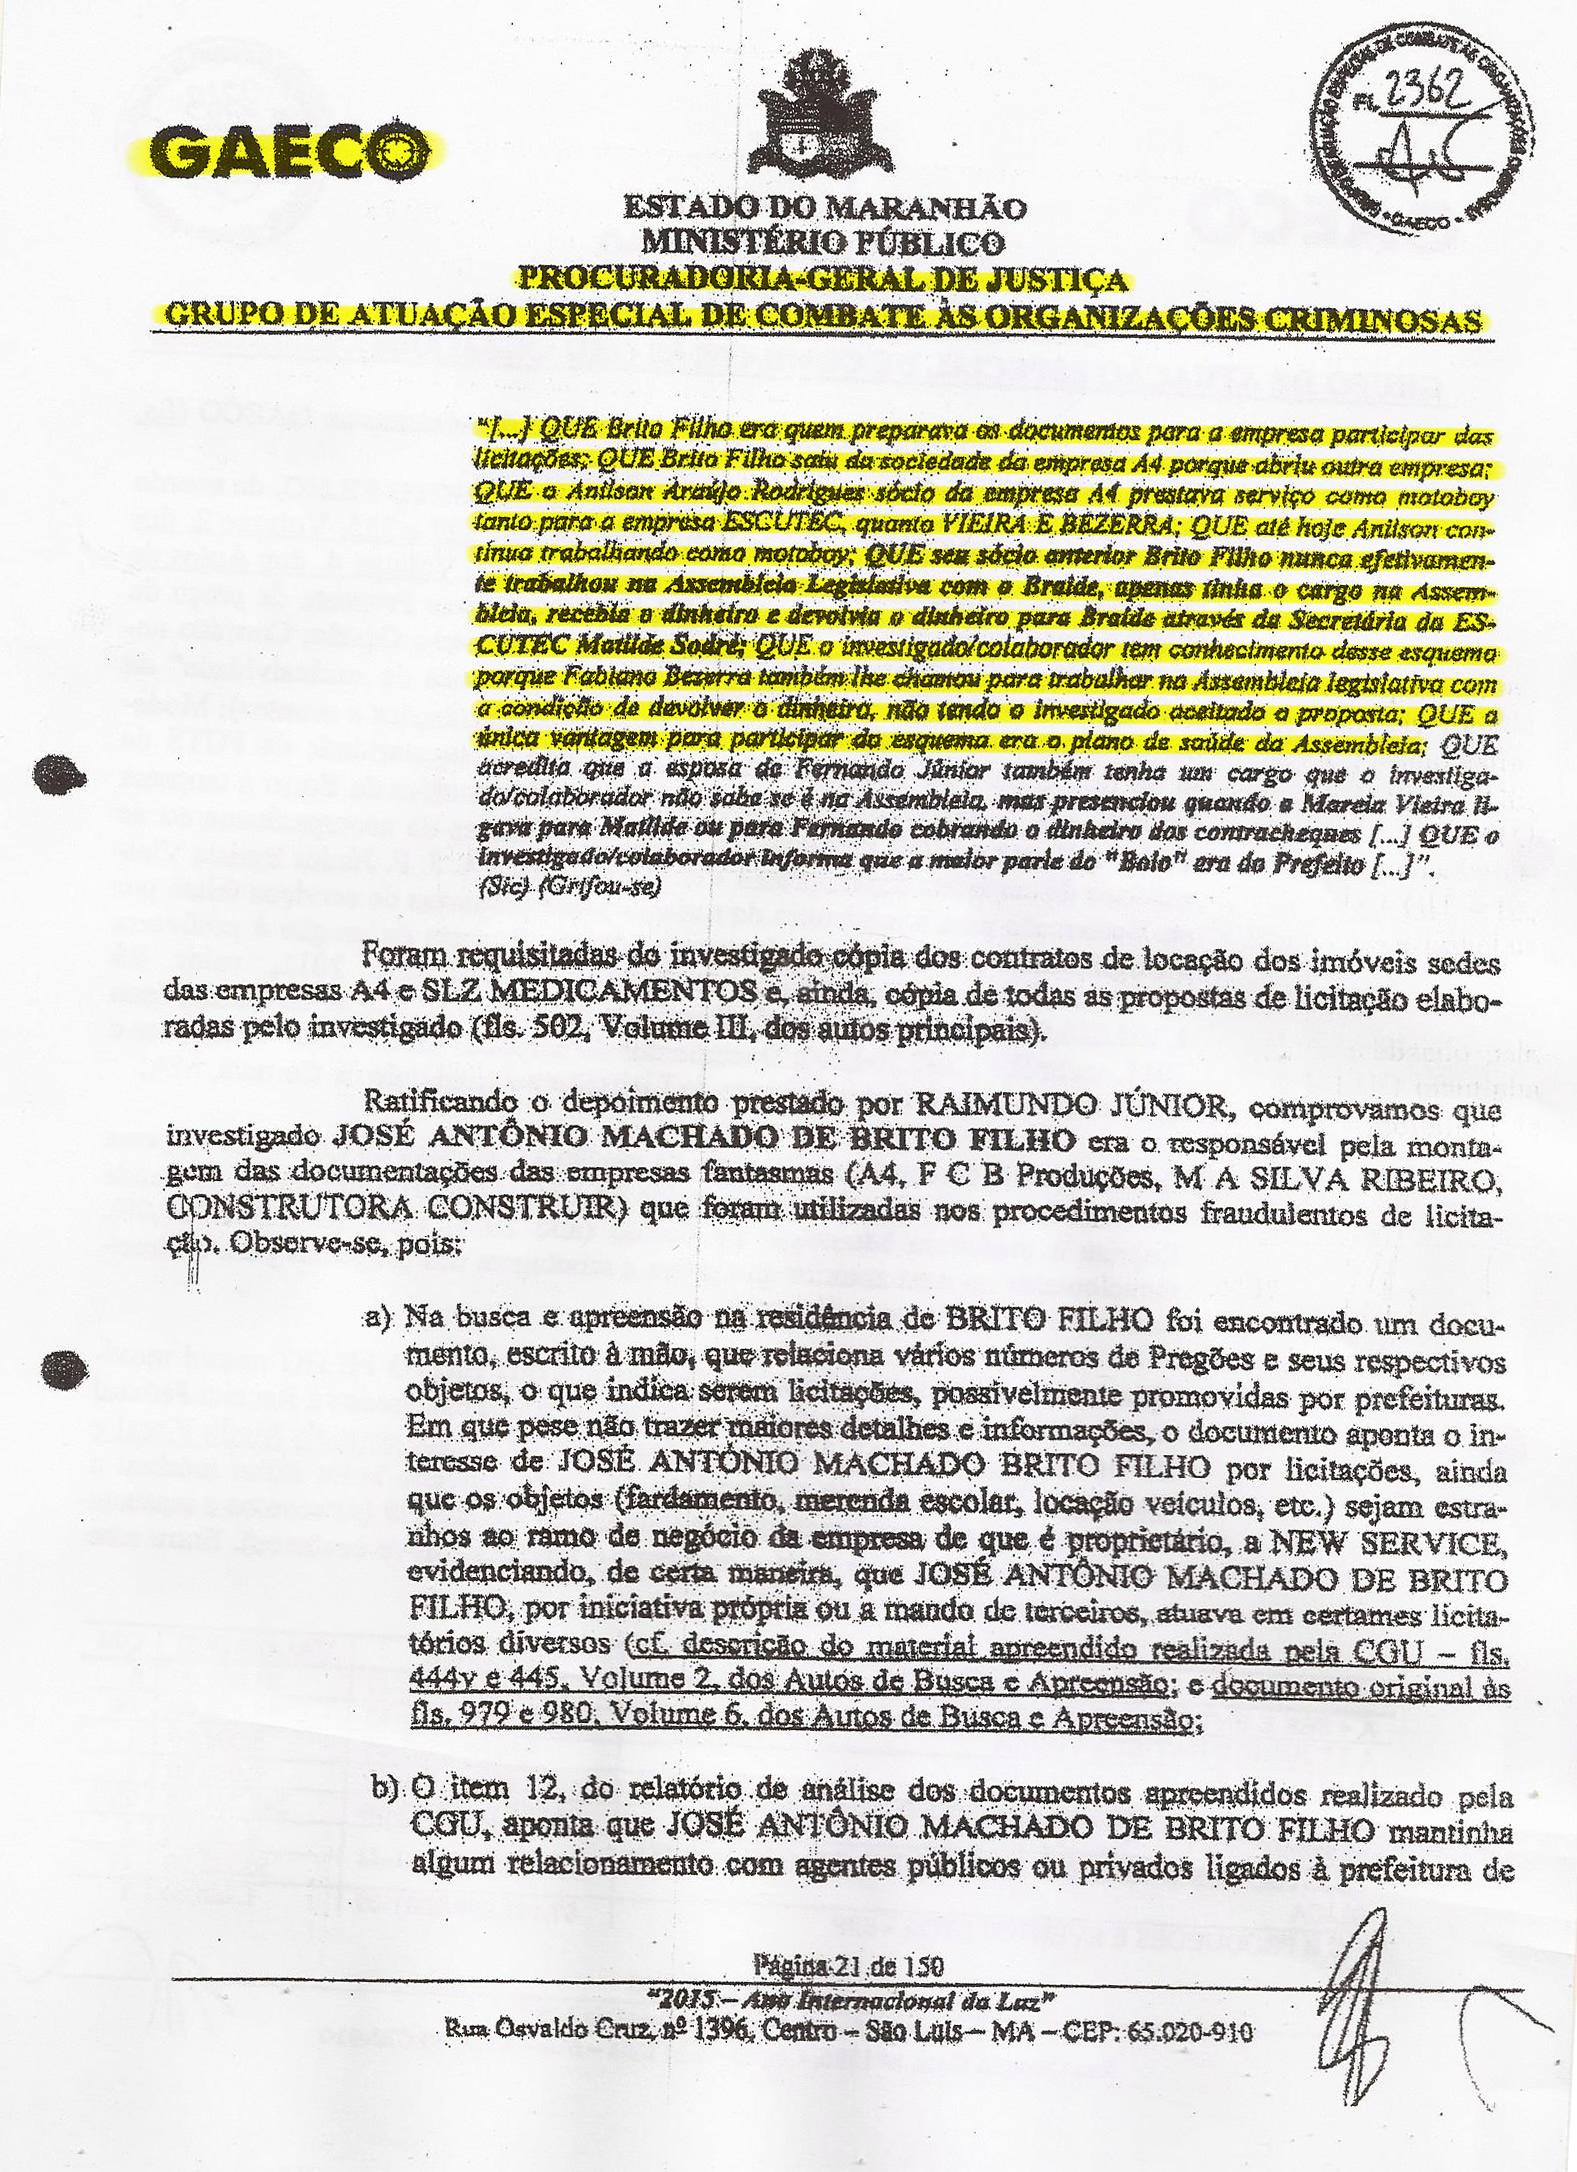 Trecho do depoimento do outro sócio laranja da empresa de fachada A4 revela que salário do integrante da Orcrim era repassada para o próprio deputado Eduardo Braide